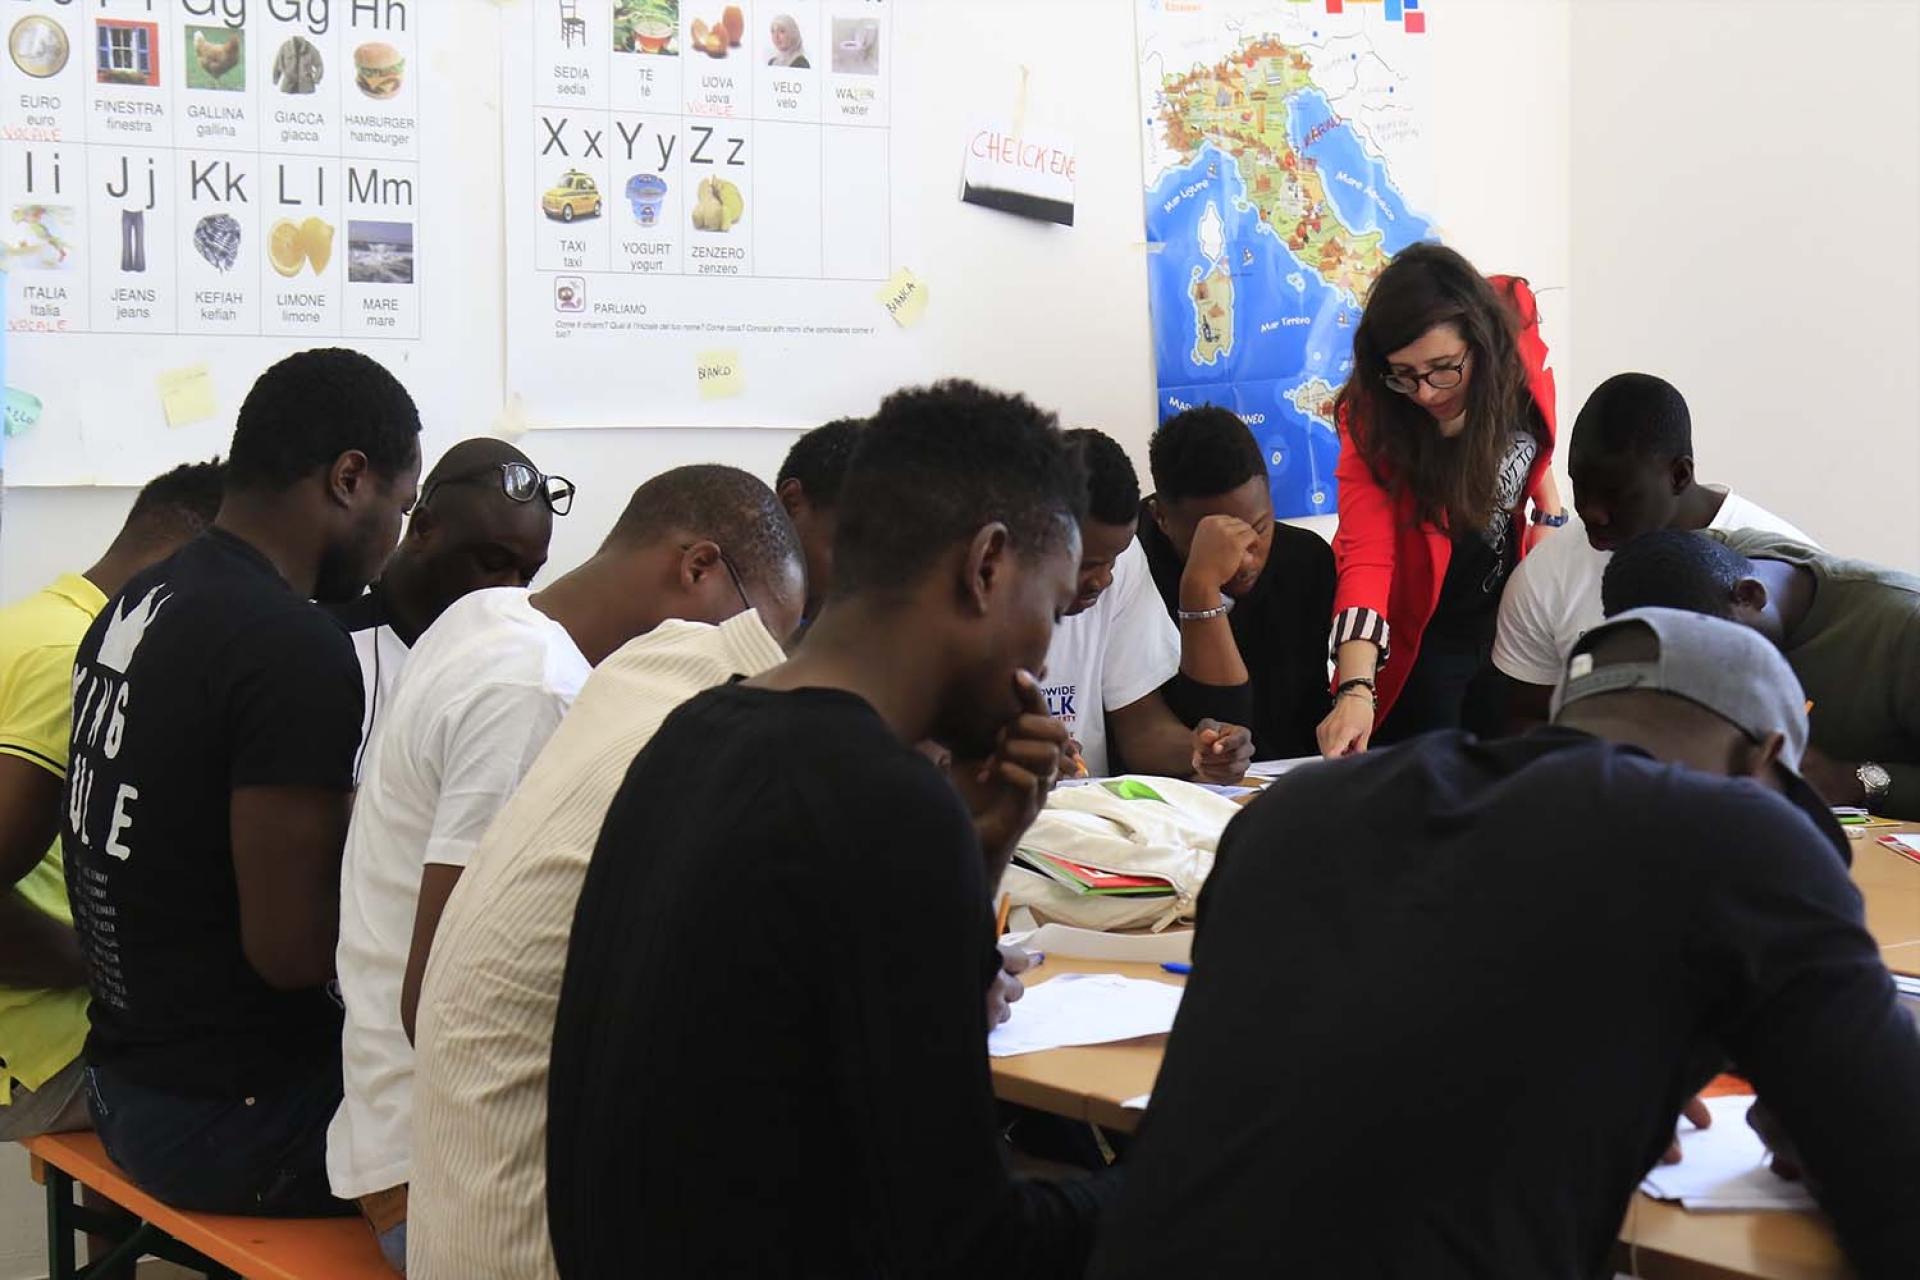 Lavorano Spesso Alle Finestre croce rossa milano - scuola di italiano nei cas